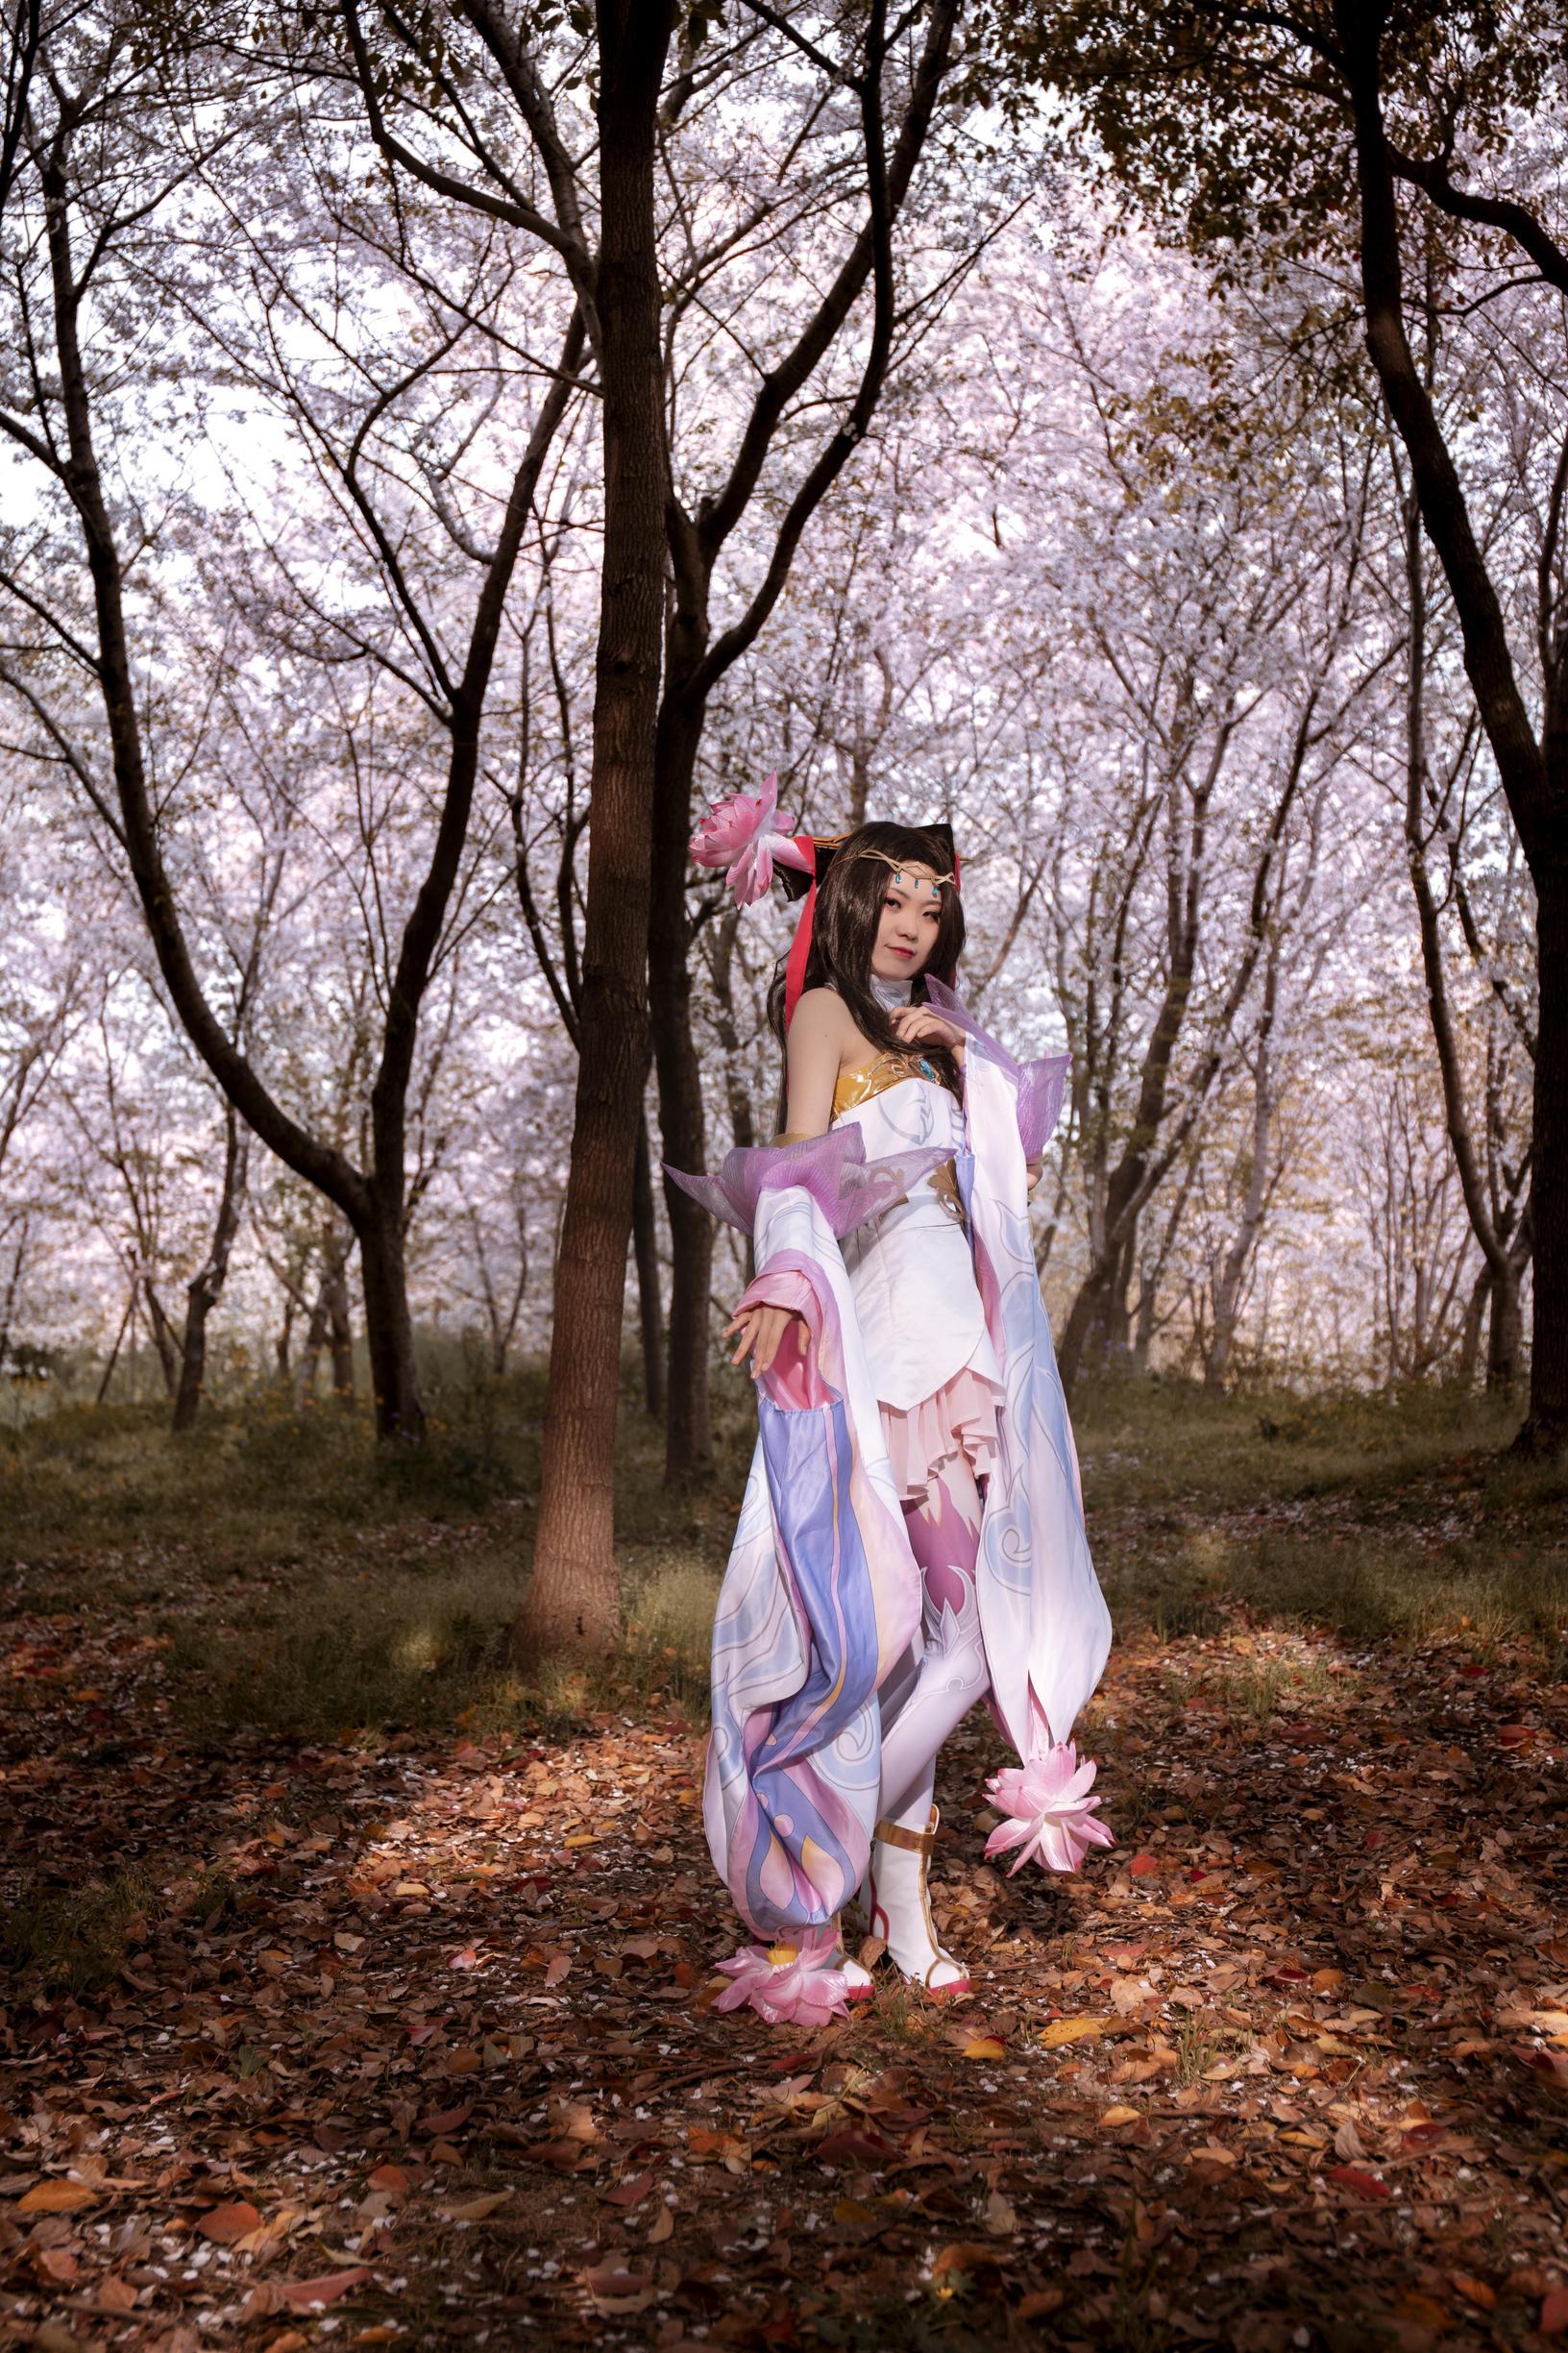 《王者荣耀》游戏cosplay【CN:Cappuccino五分甜】-第5张